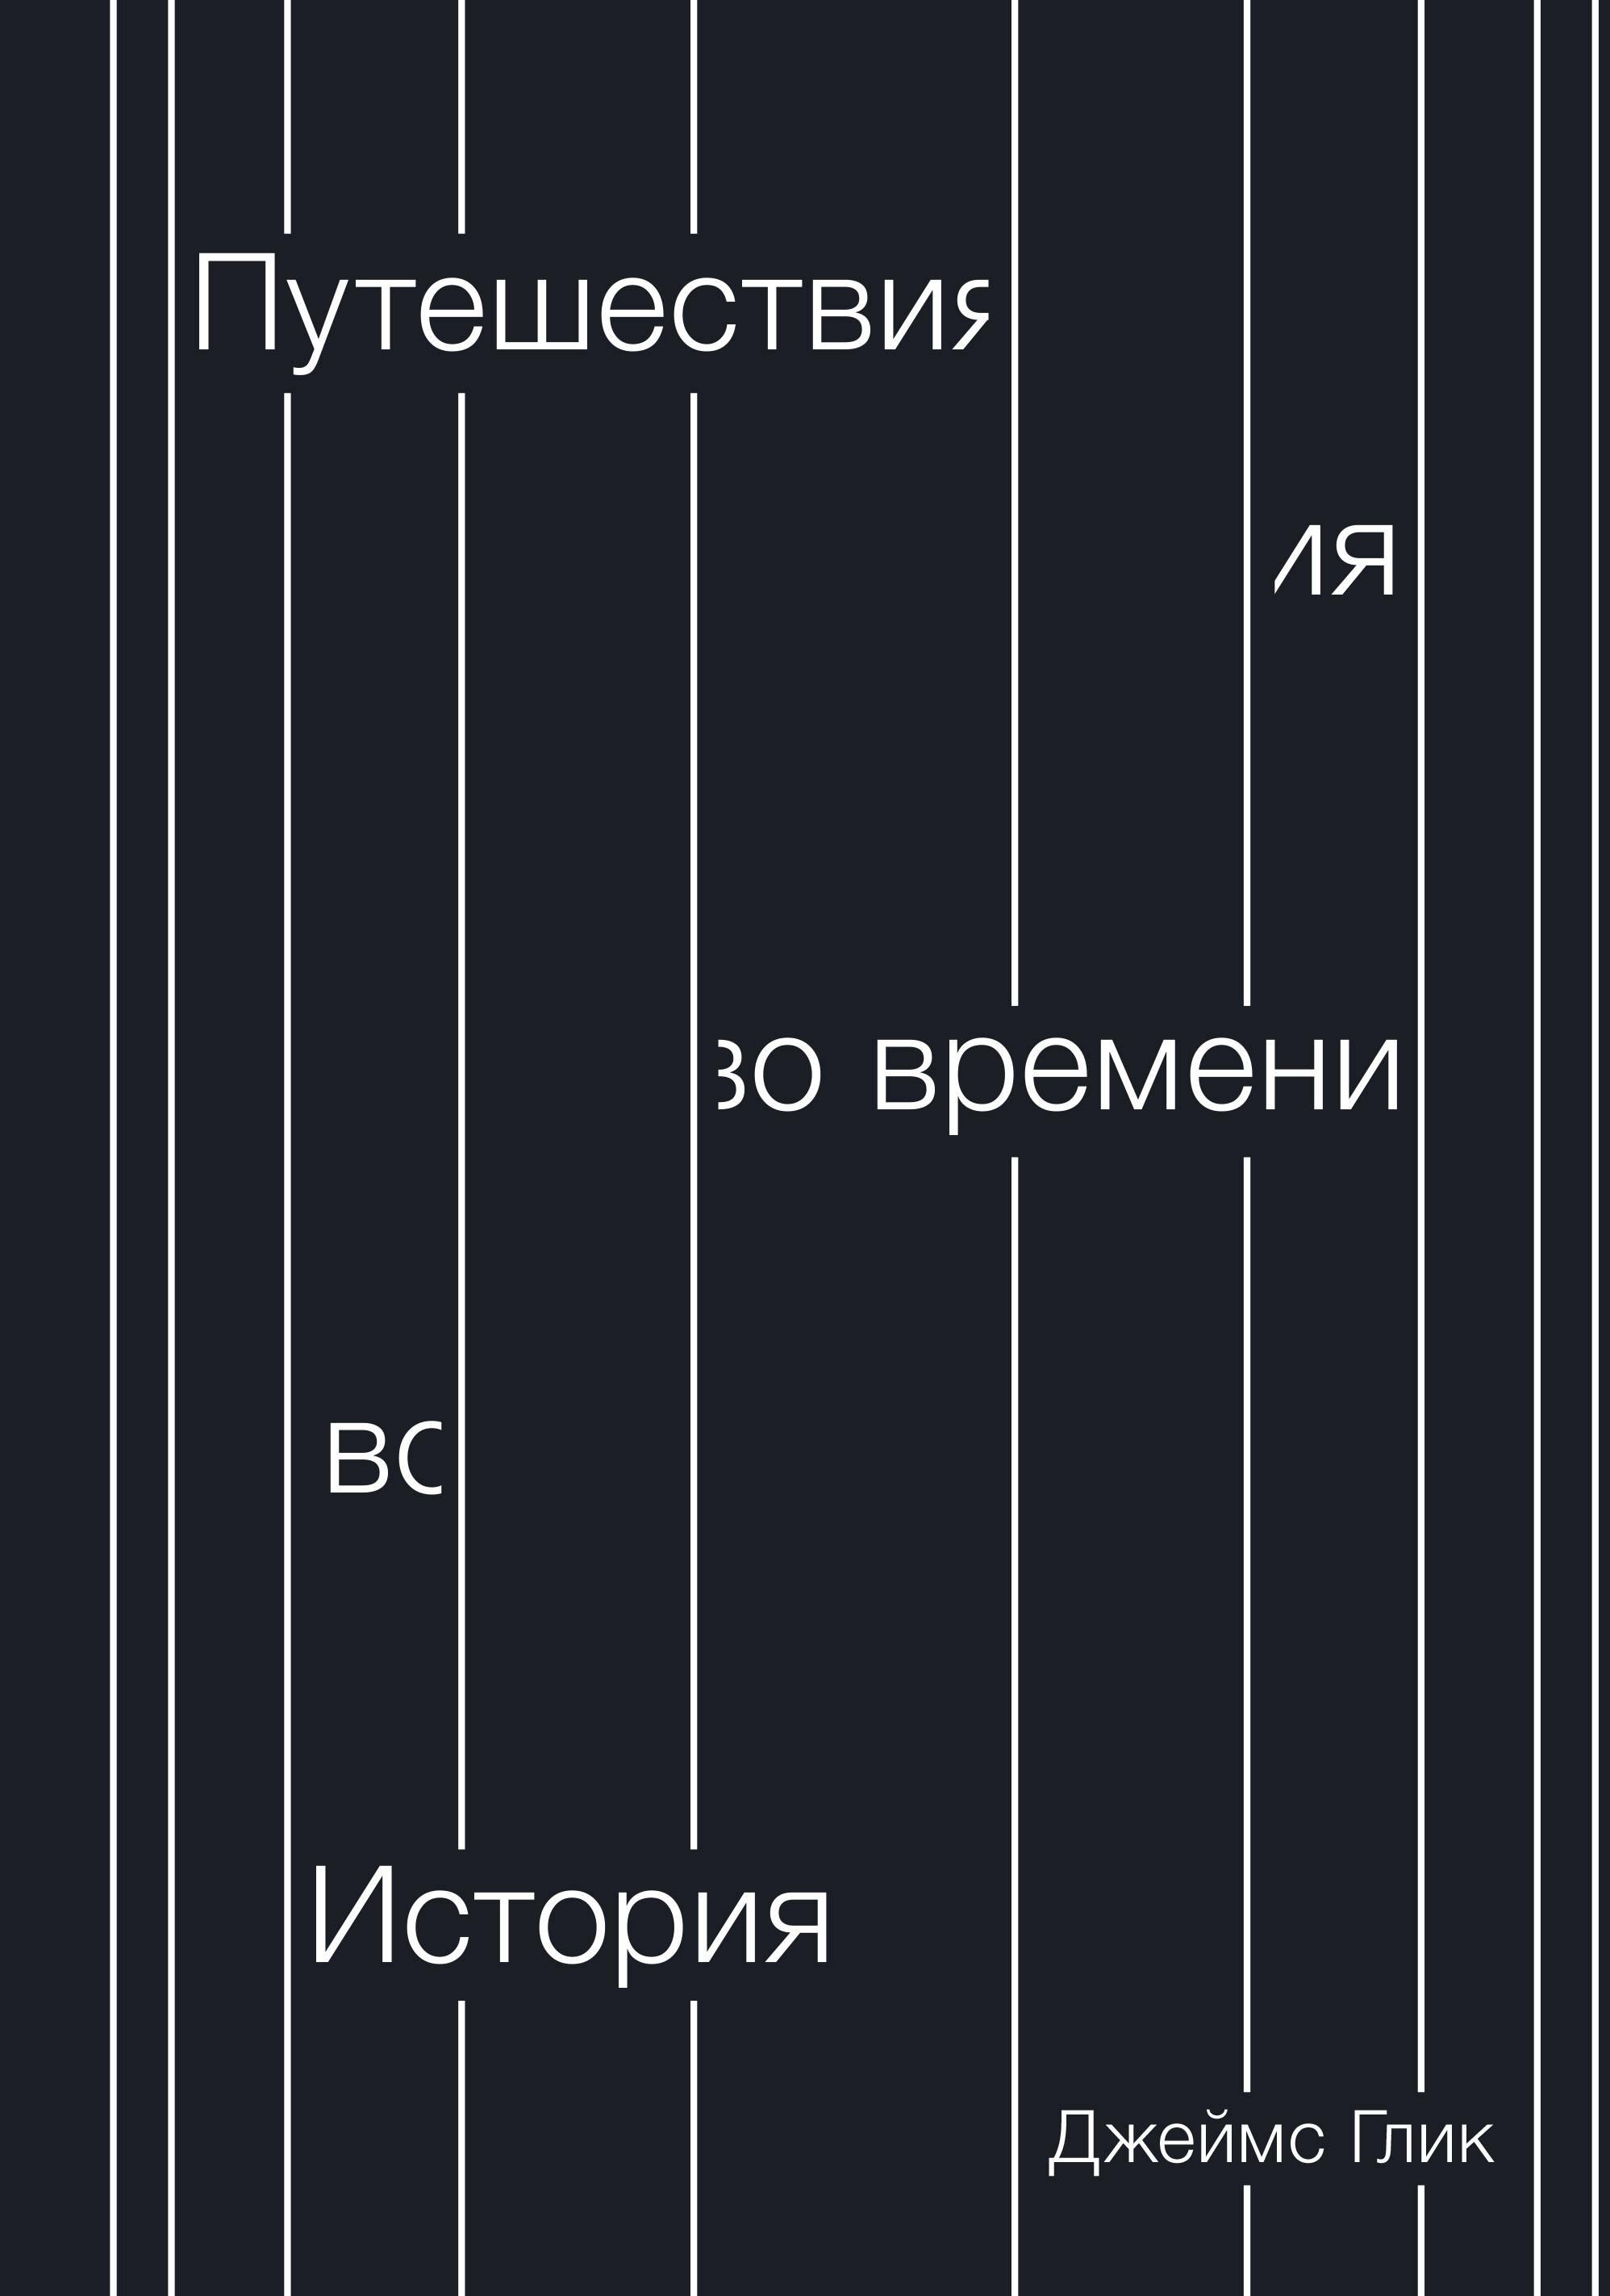 Джеймс Глик. Путешествия во времени. История 0x0